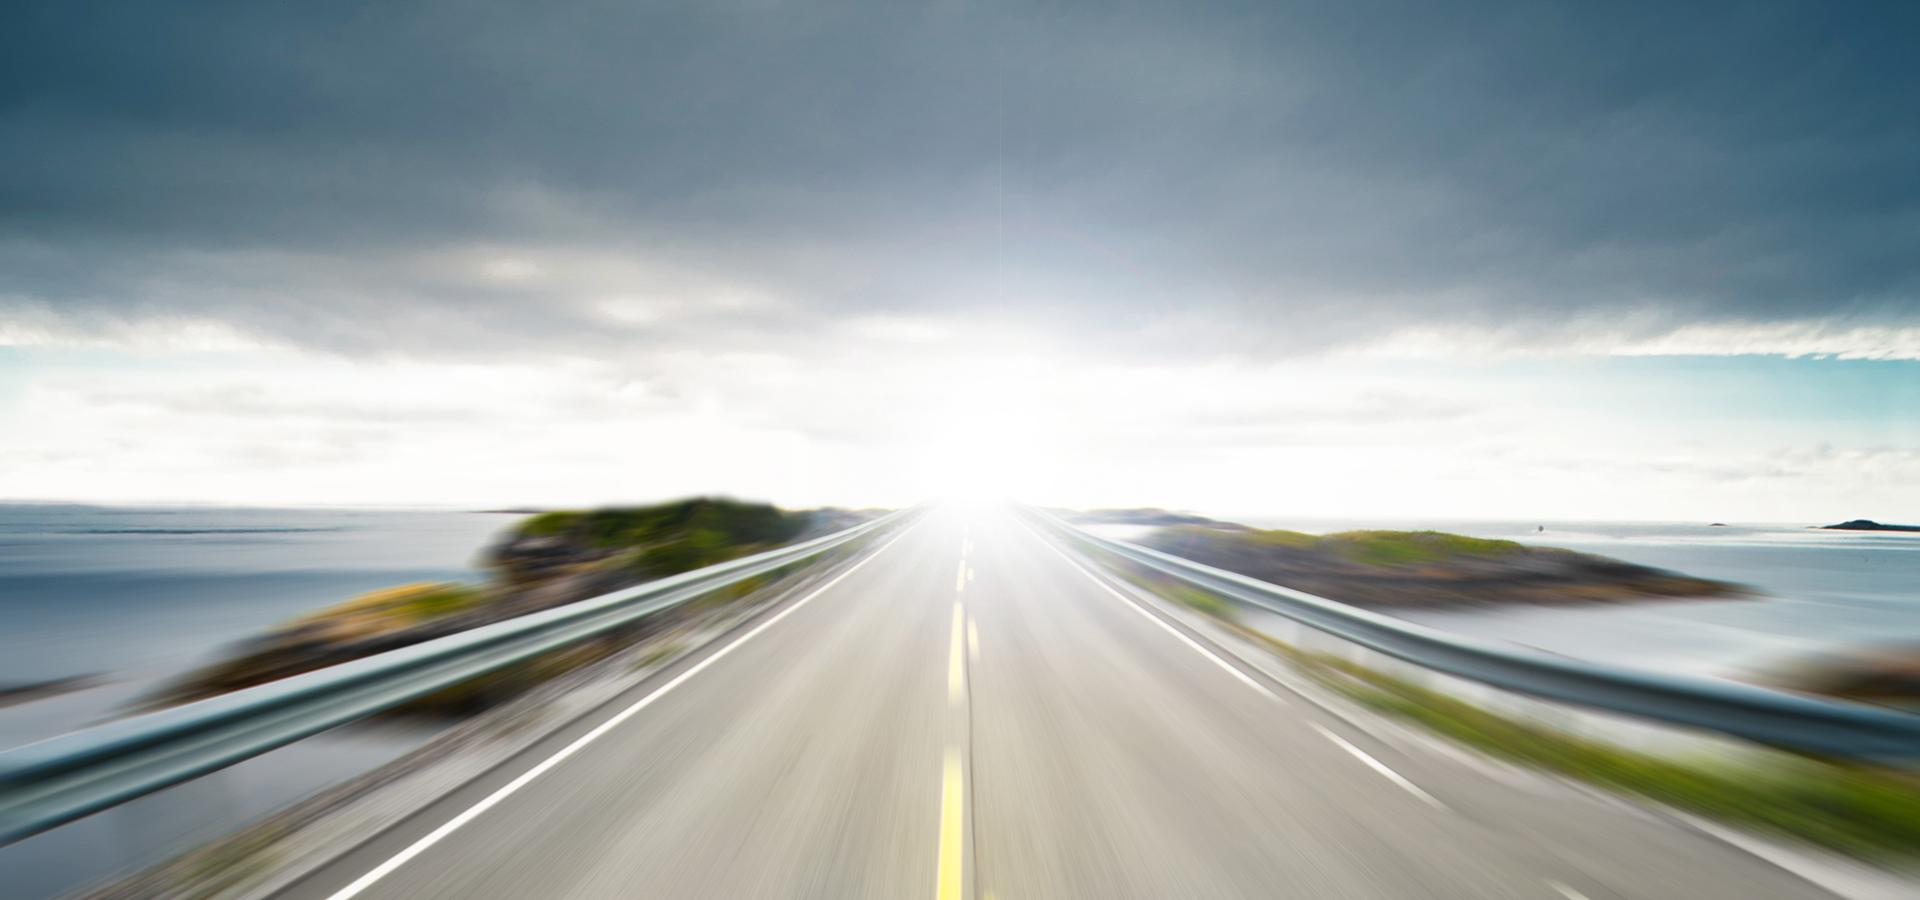 autoroute de fond autoroute automobile vitesse image de